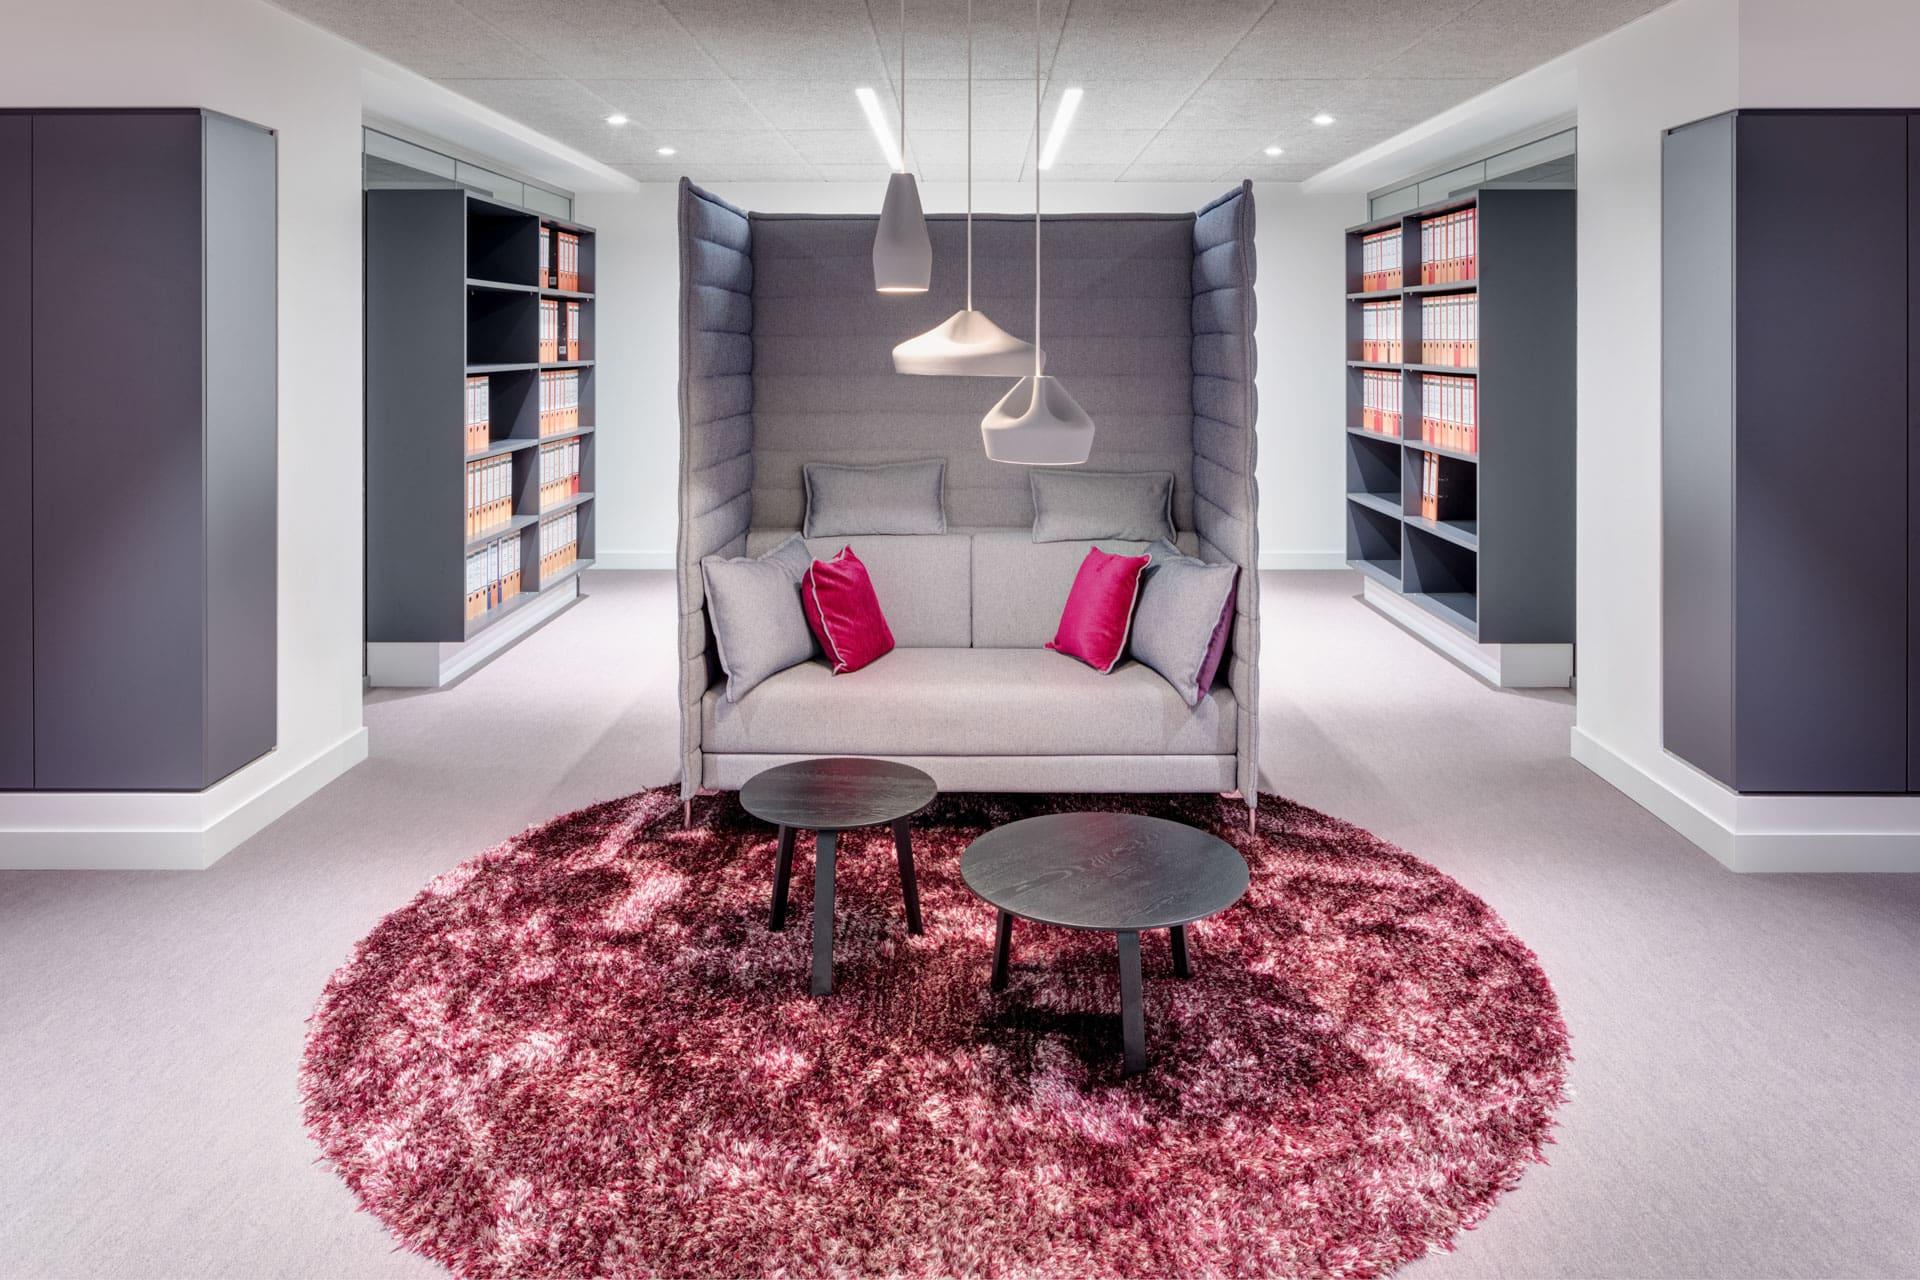 Interior Design Photography. Interior Design Photgraphy by Dirk Wilhelmy, Stuttgart